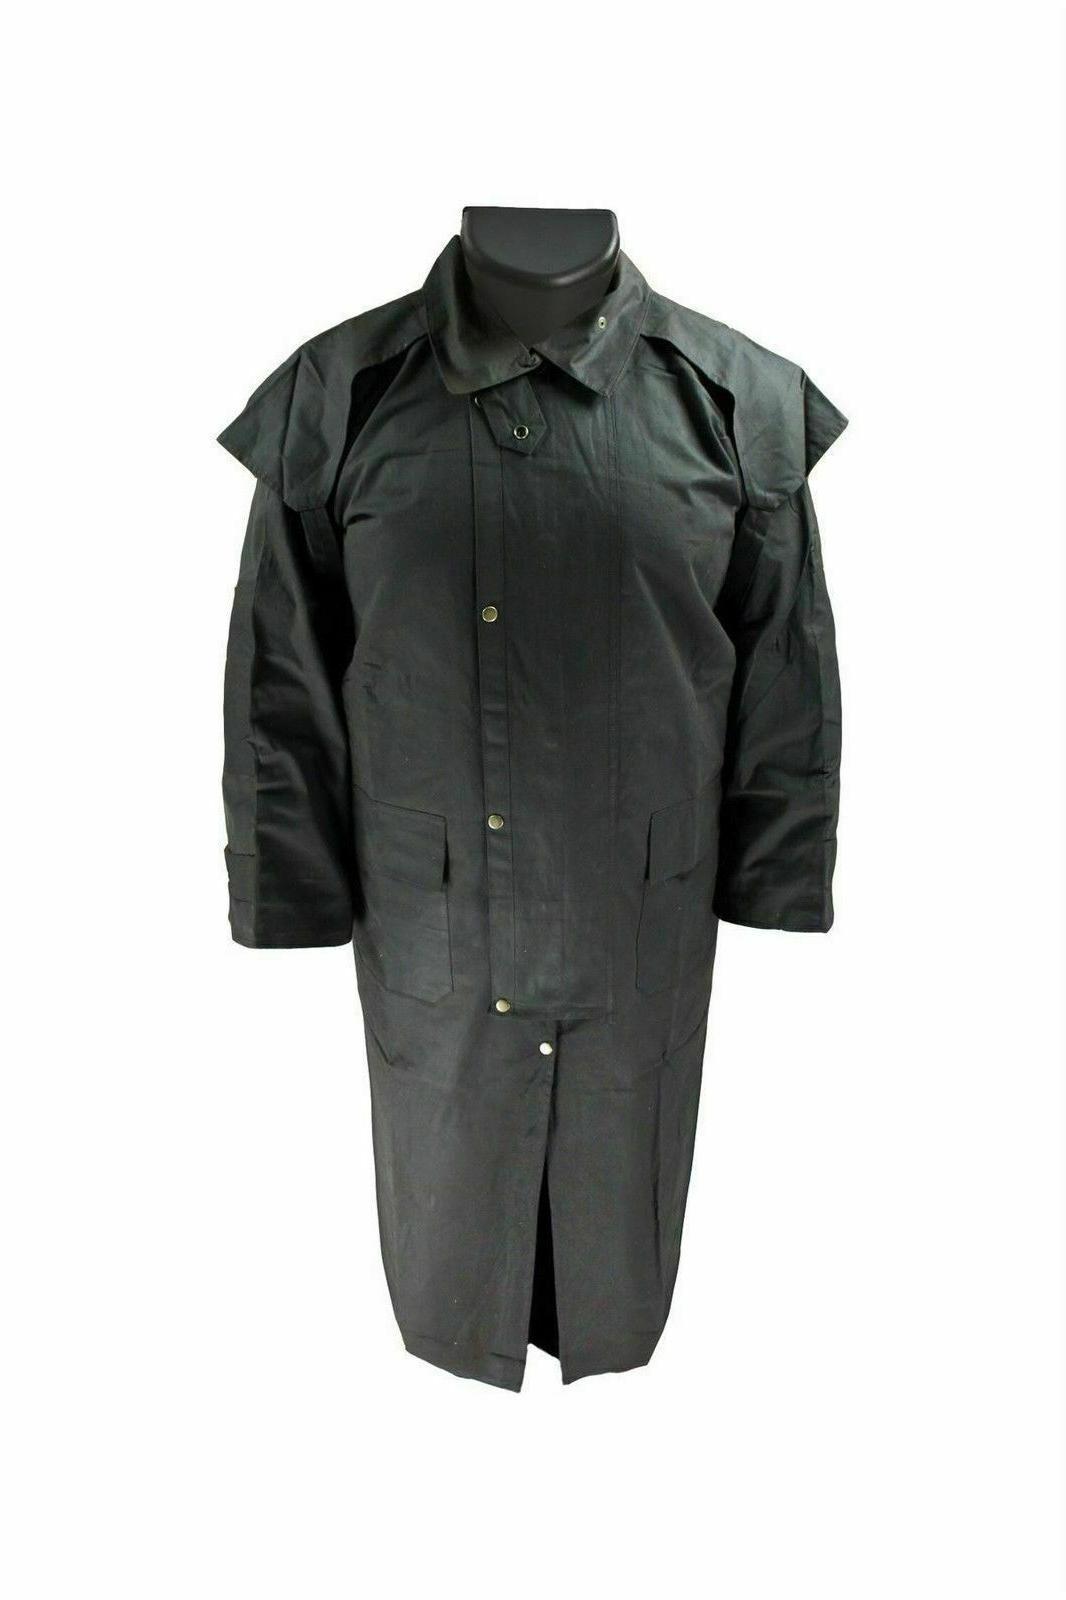 oilskin coat jacket duster cotton waterproof black